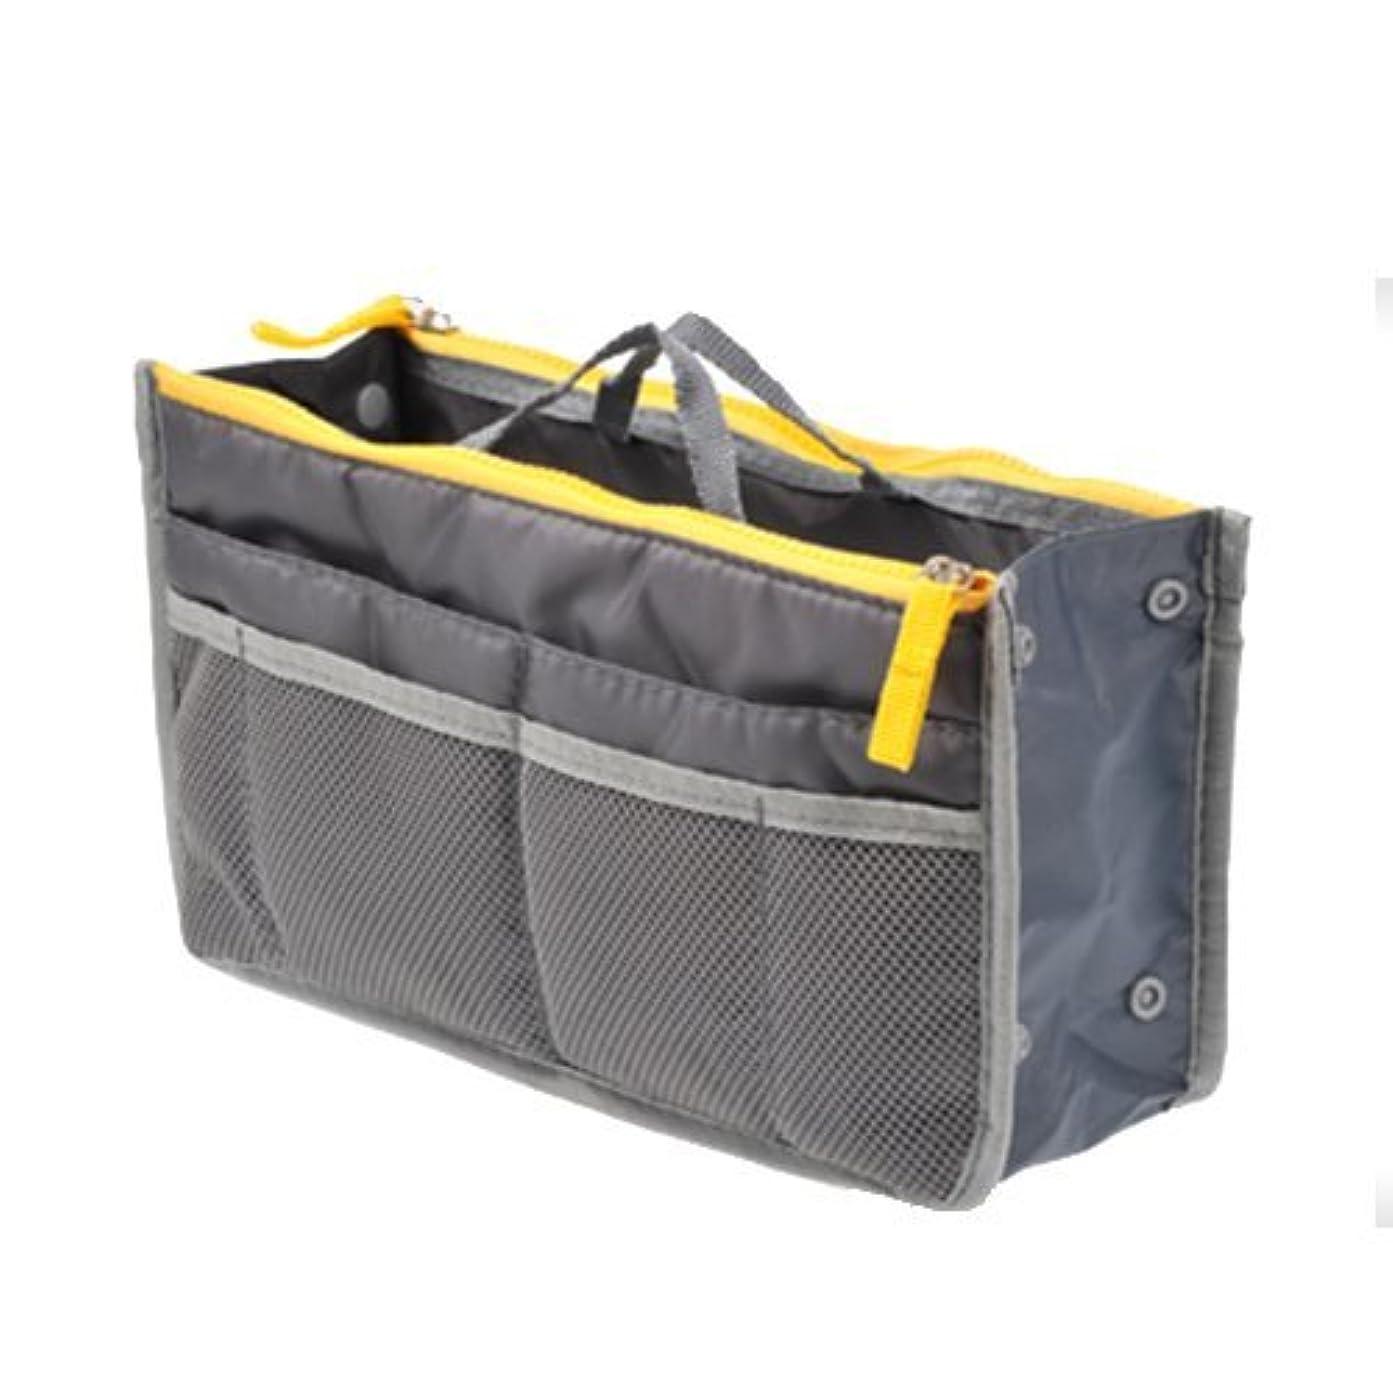 作曲するクリーク行商人TENDOC 高品質 バッグでバッグを簡単収納 お財布 携帯などの必需品から手帳やペンもピッタリサイズ グレー